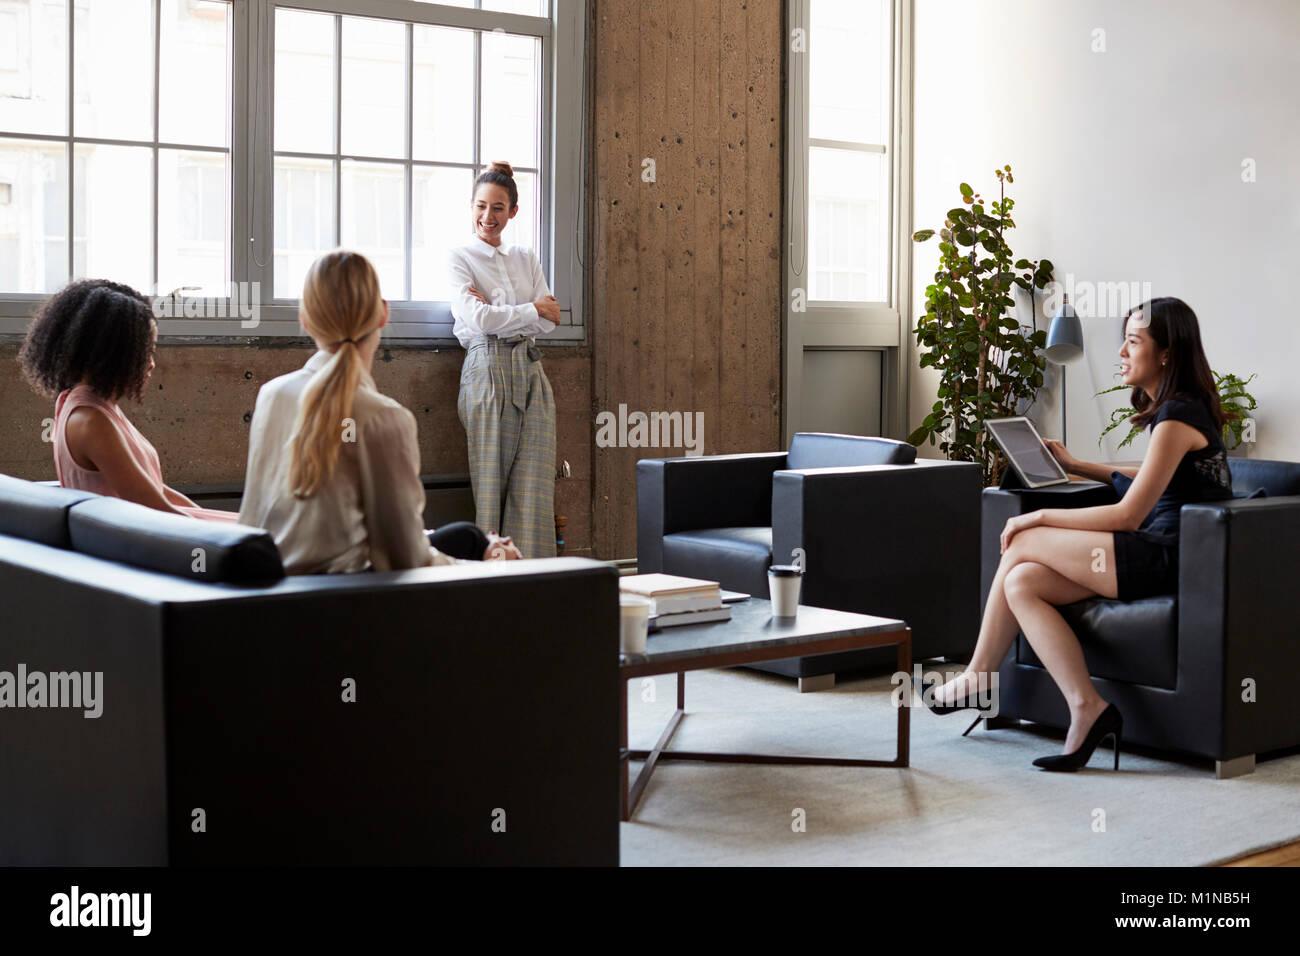 Femme debout avec les bras croisés à manager réunion occasionnels Photo Stock